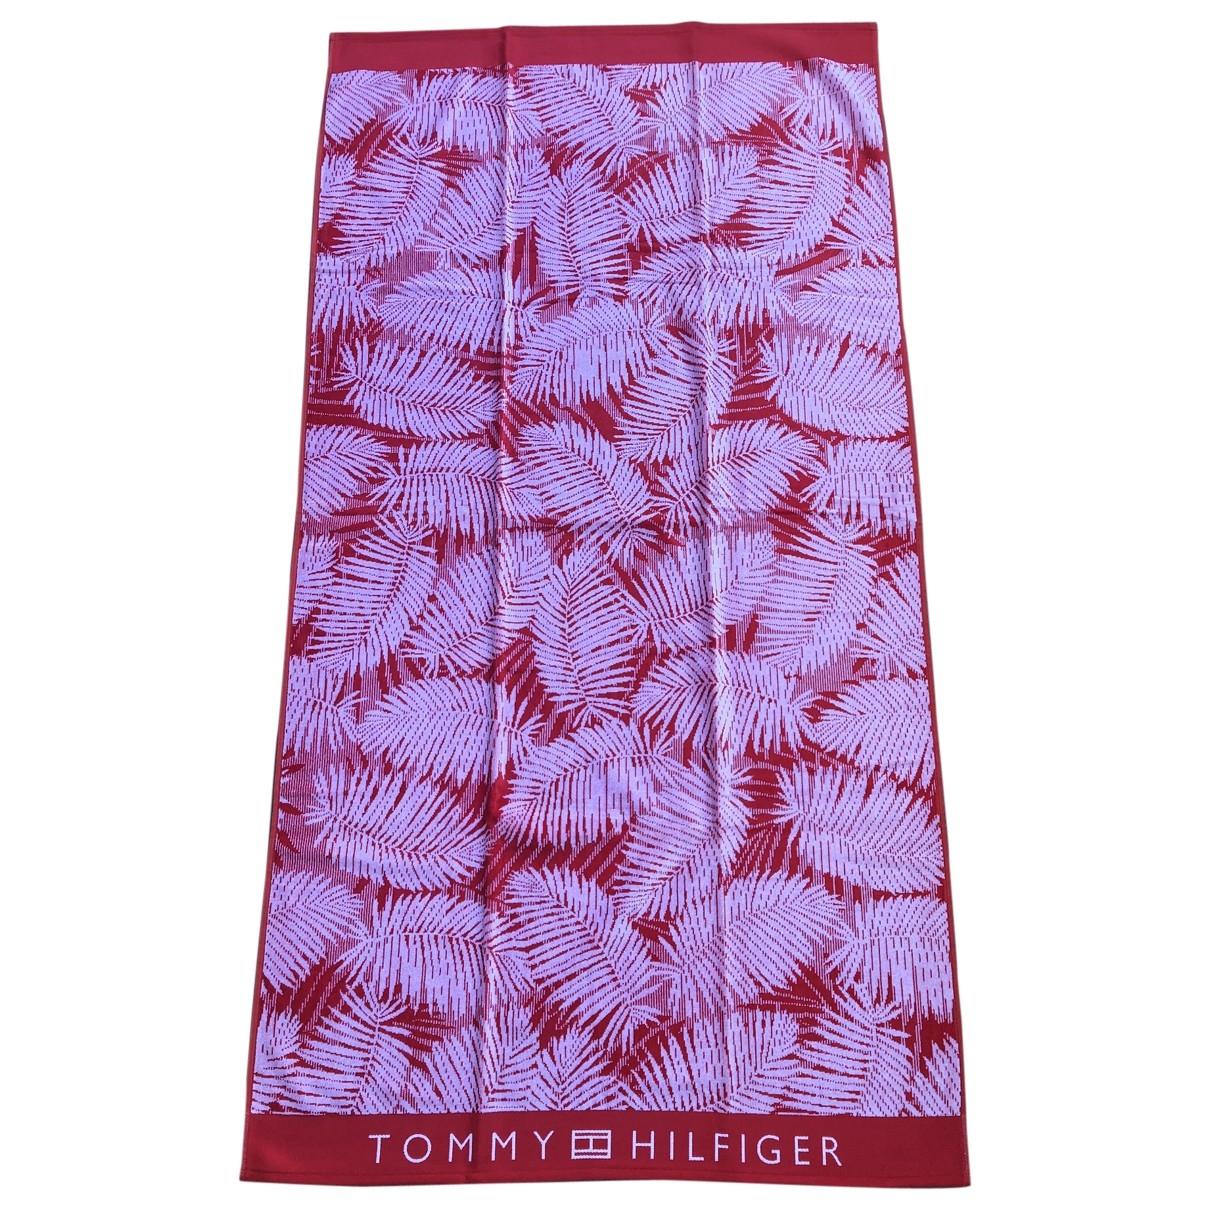 Tommy Hilfiger - Linge de maison   pour lifestyle en coton - rouge